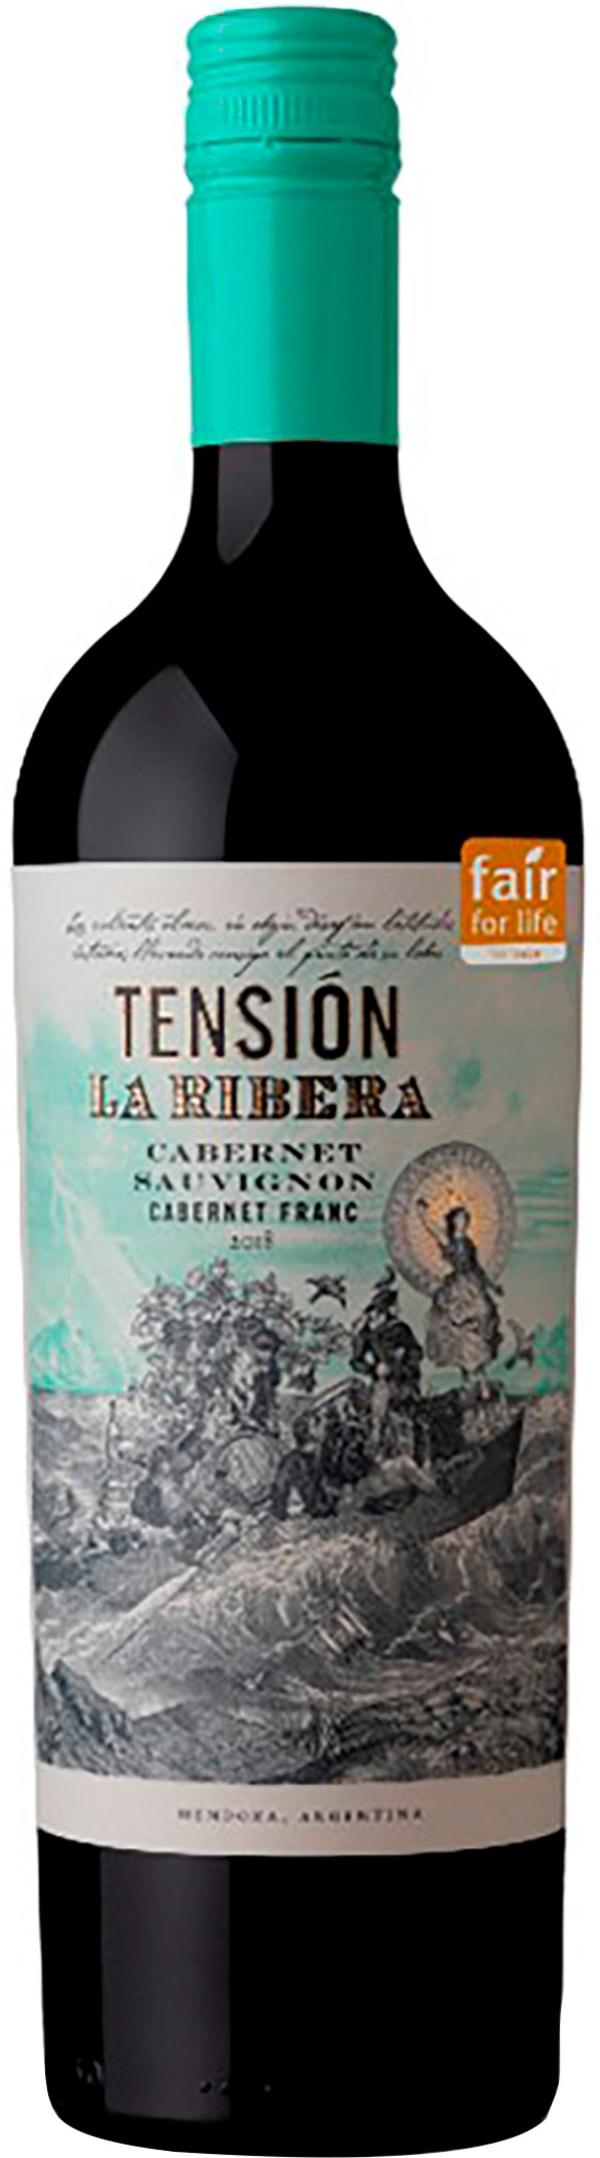 Tension La Ribera Cabernet Sauvignon Cabernet Franc 2018